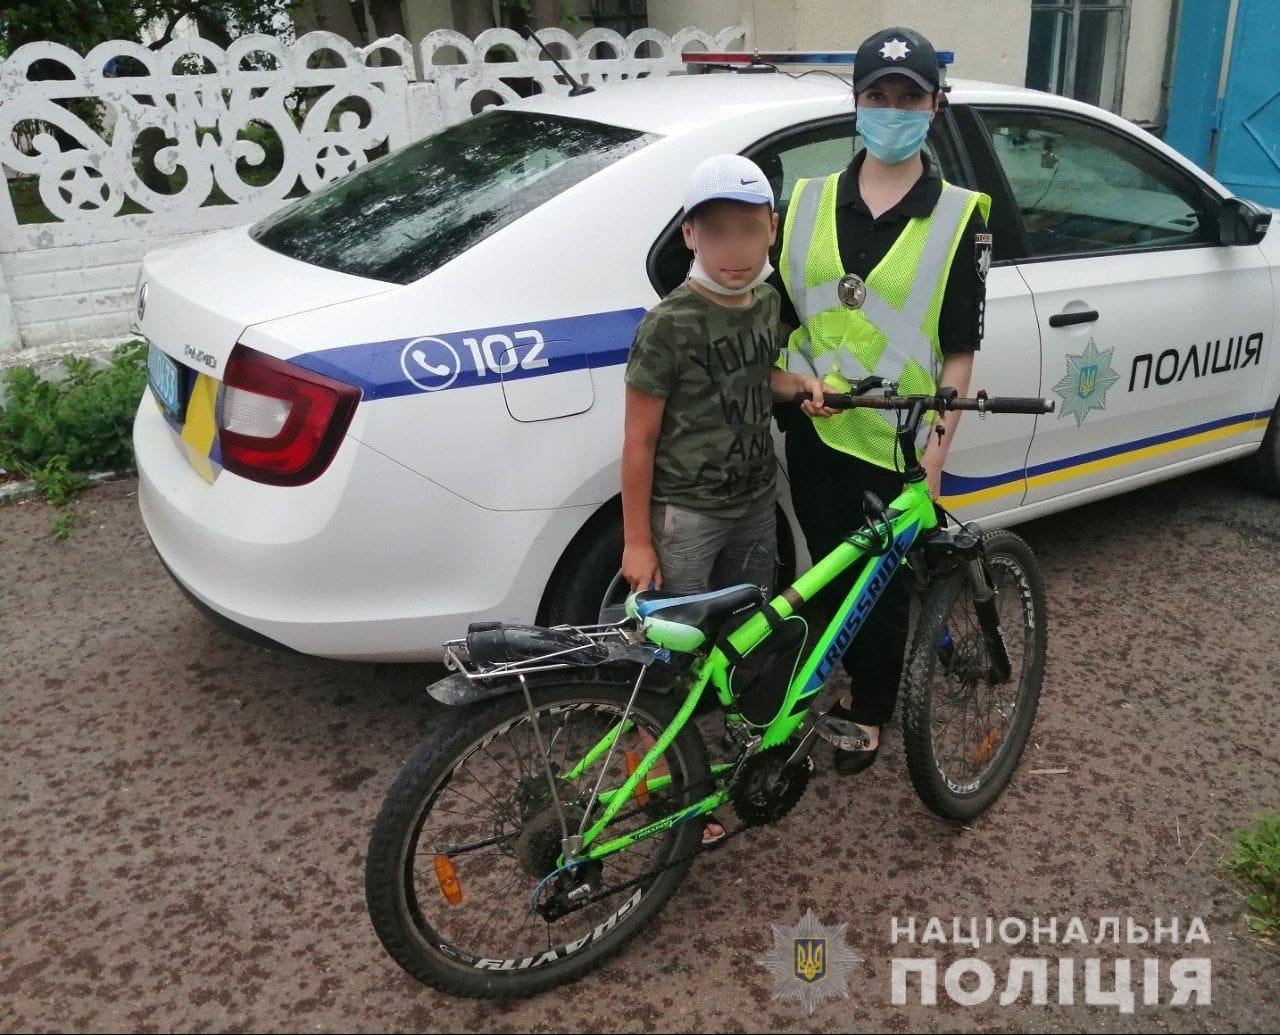 11-річний хлопчик з Києва відправився у мандри на велосипеді до сусідньої області - Дитина - 24 makarov